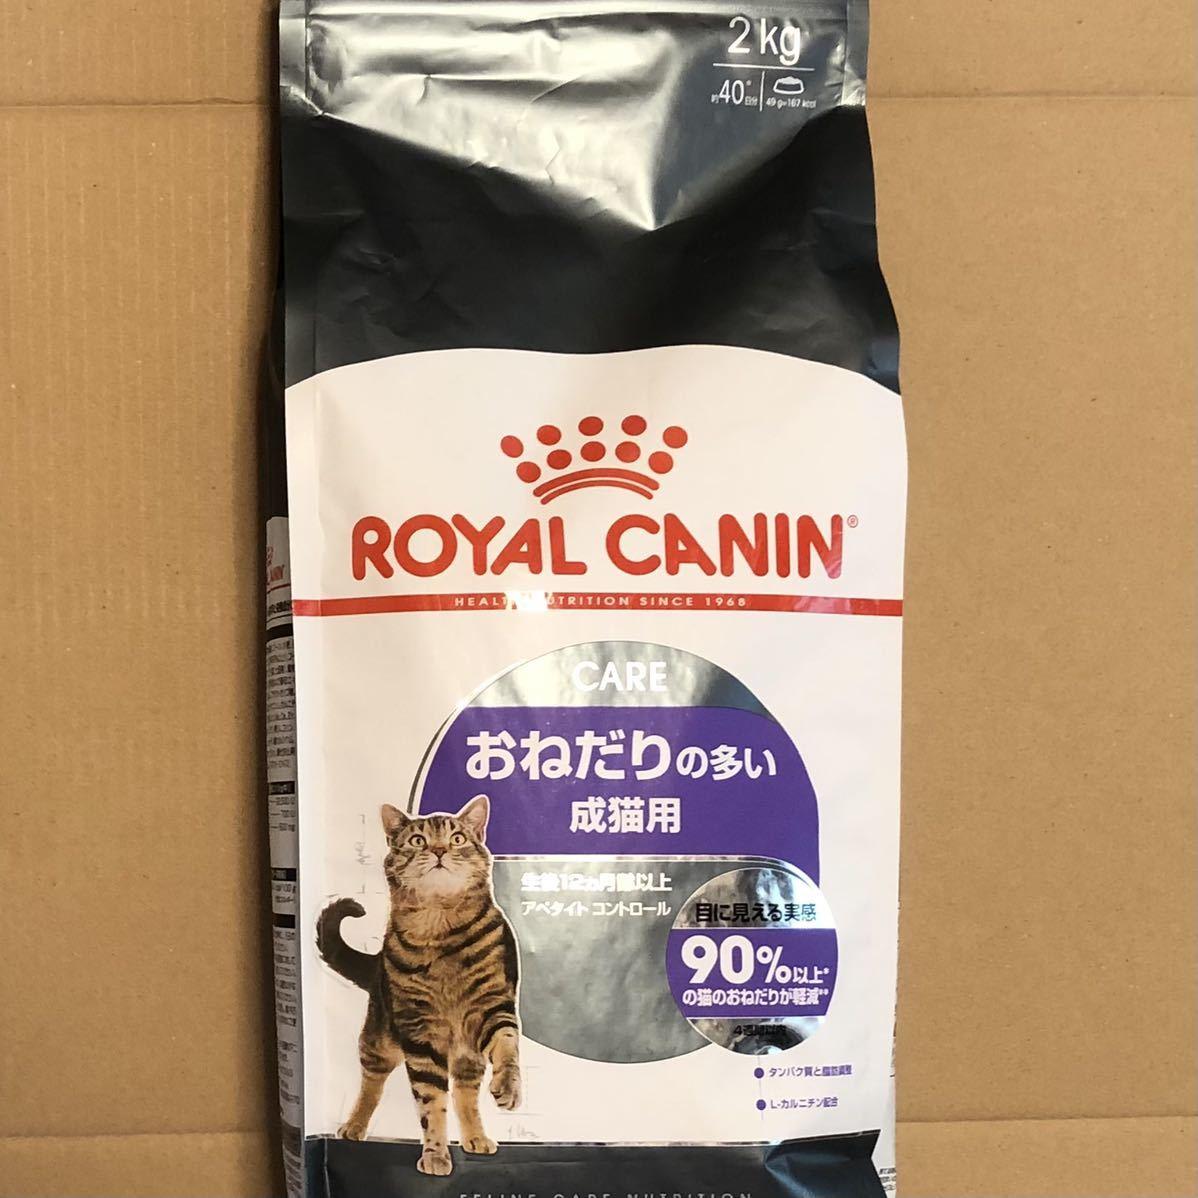 送料無料 ロイヤルカナン おねだりの多い成猫用2kg 成猫用ドライフード アペタイト コントロール ロイカナ キャットフード 猫